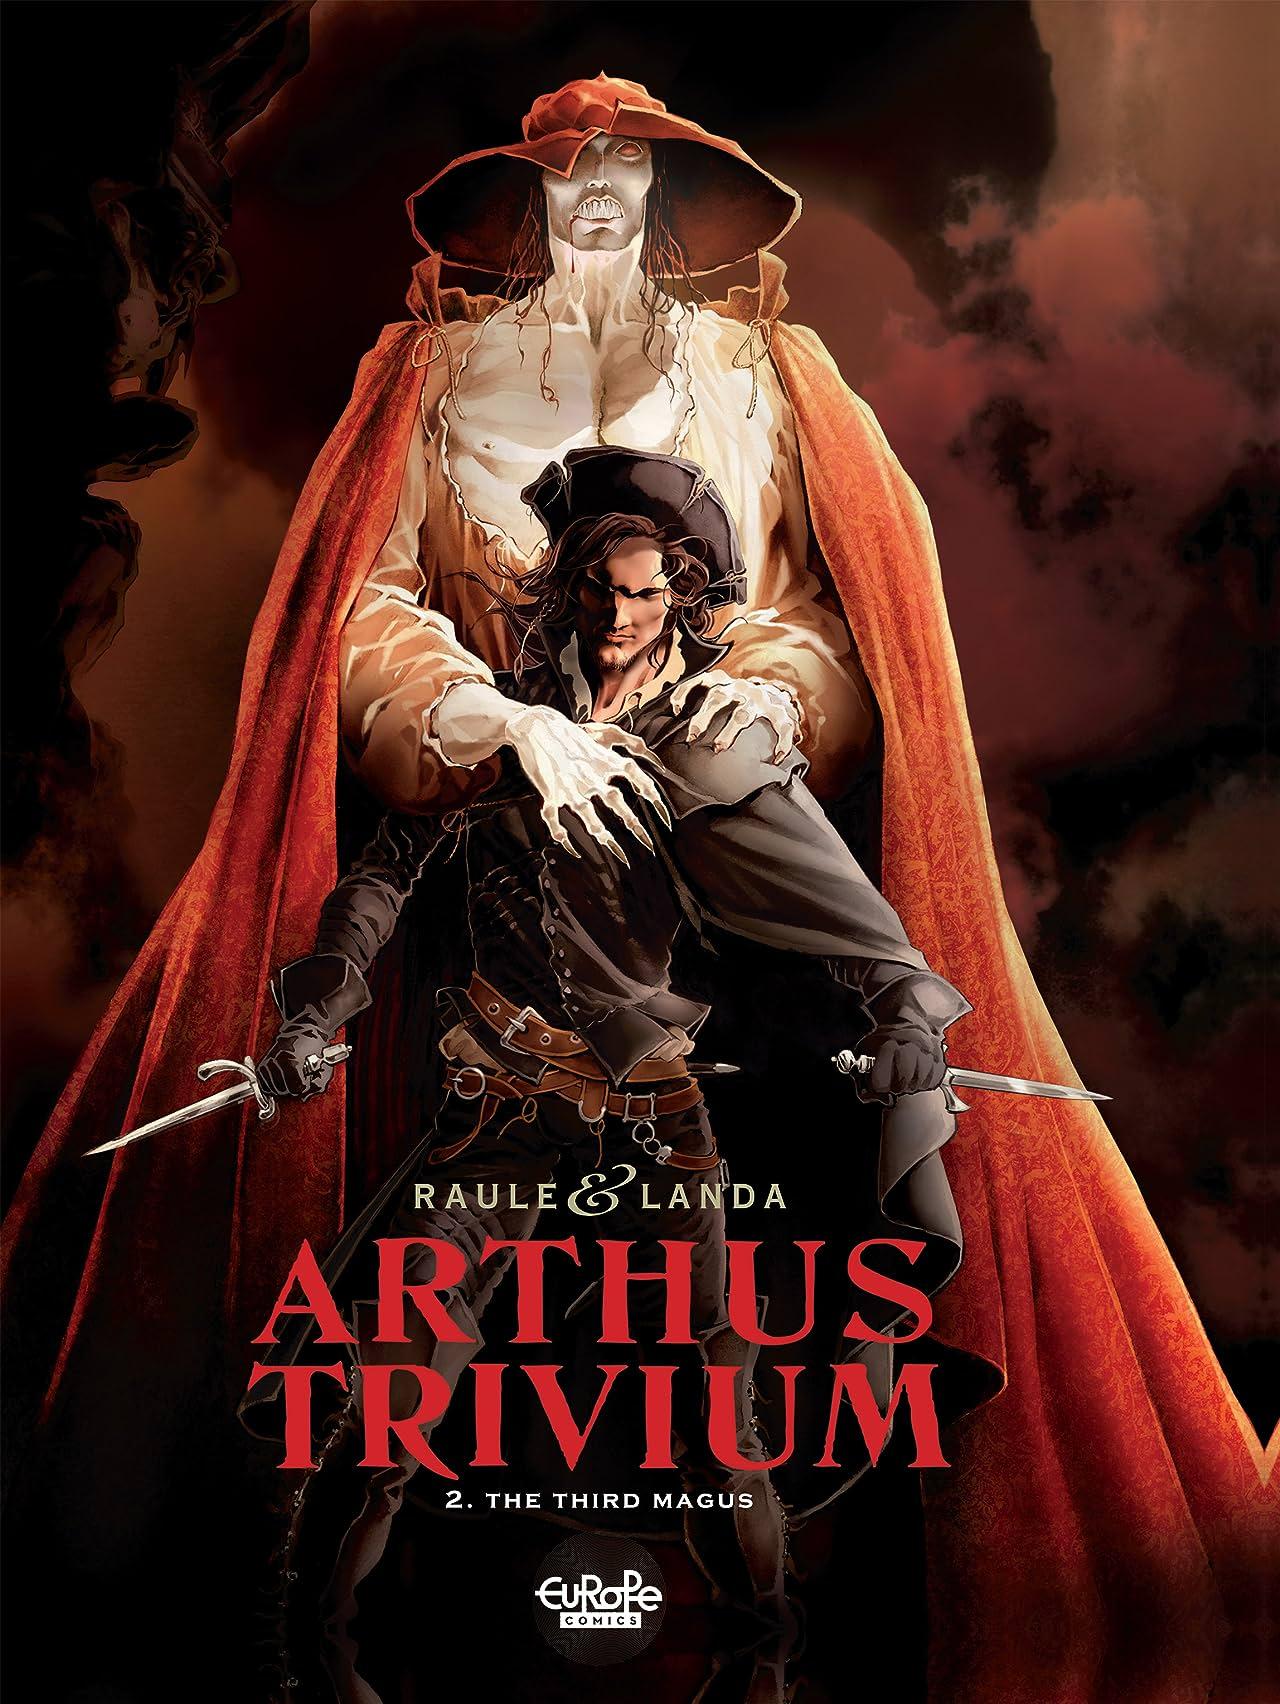 Arthus Trivium Vol. 2: The Third Magus